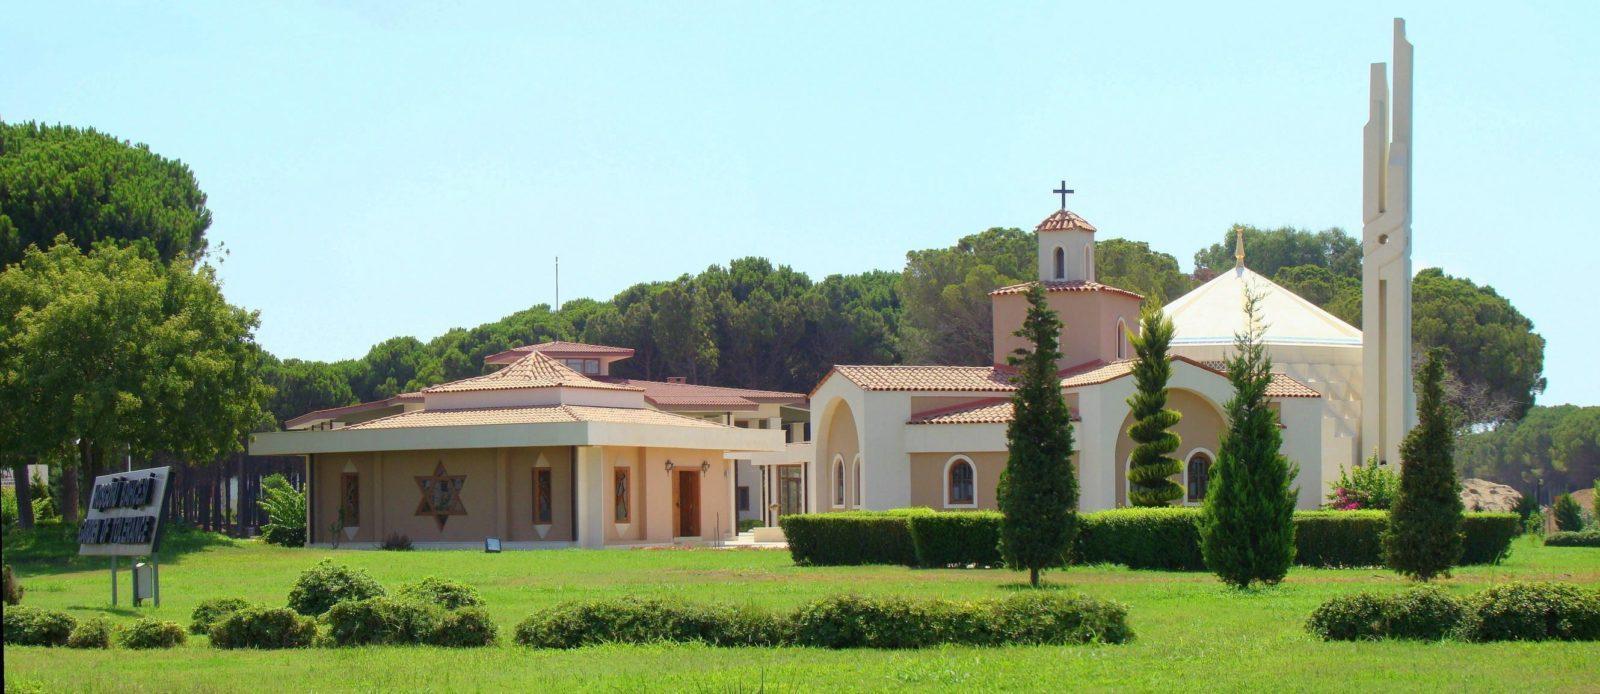 Сад религий Белек